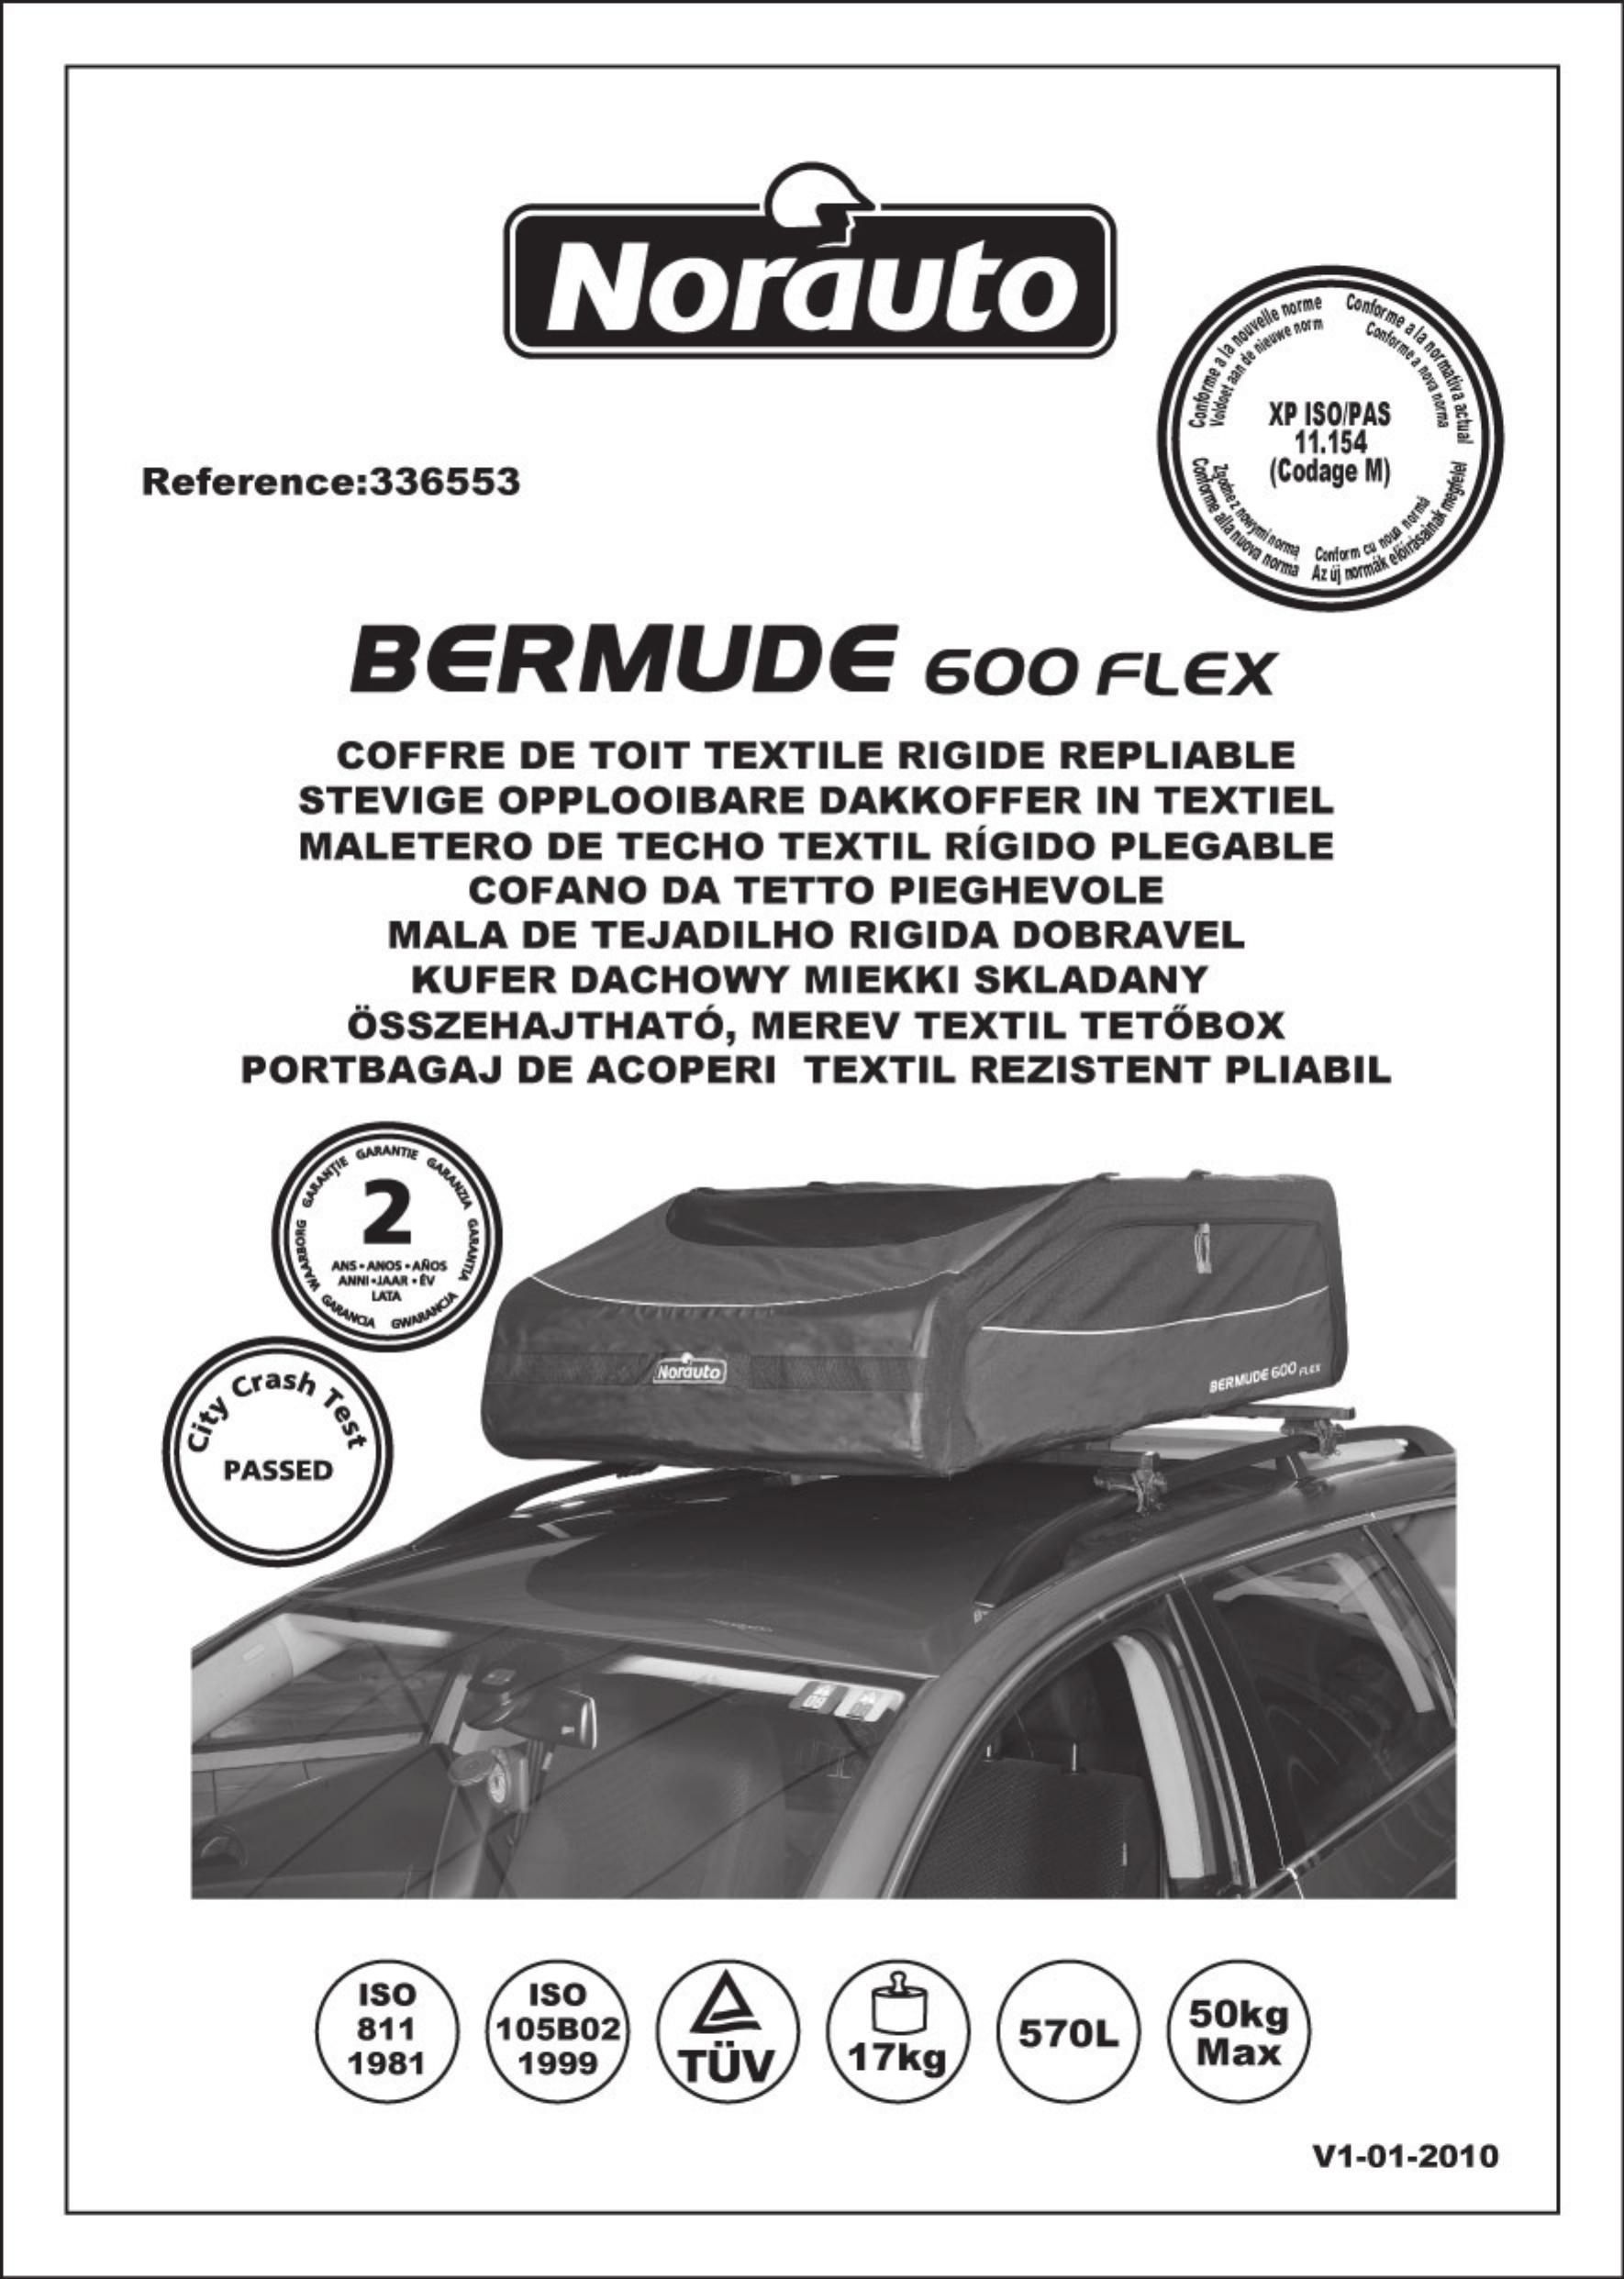 Flex Norauto Flex 600 Manual Norauto Bermude 600 Norauto Manual Bermude PkXOZuwiT